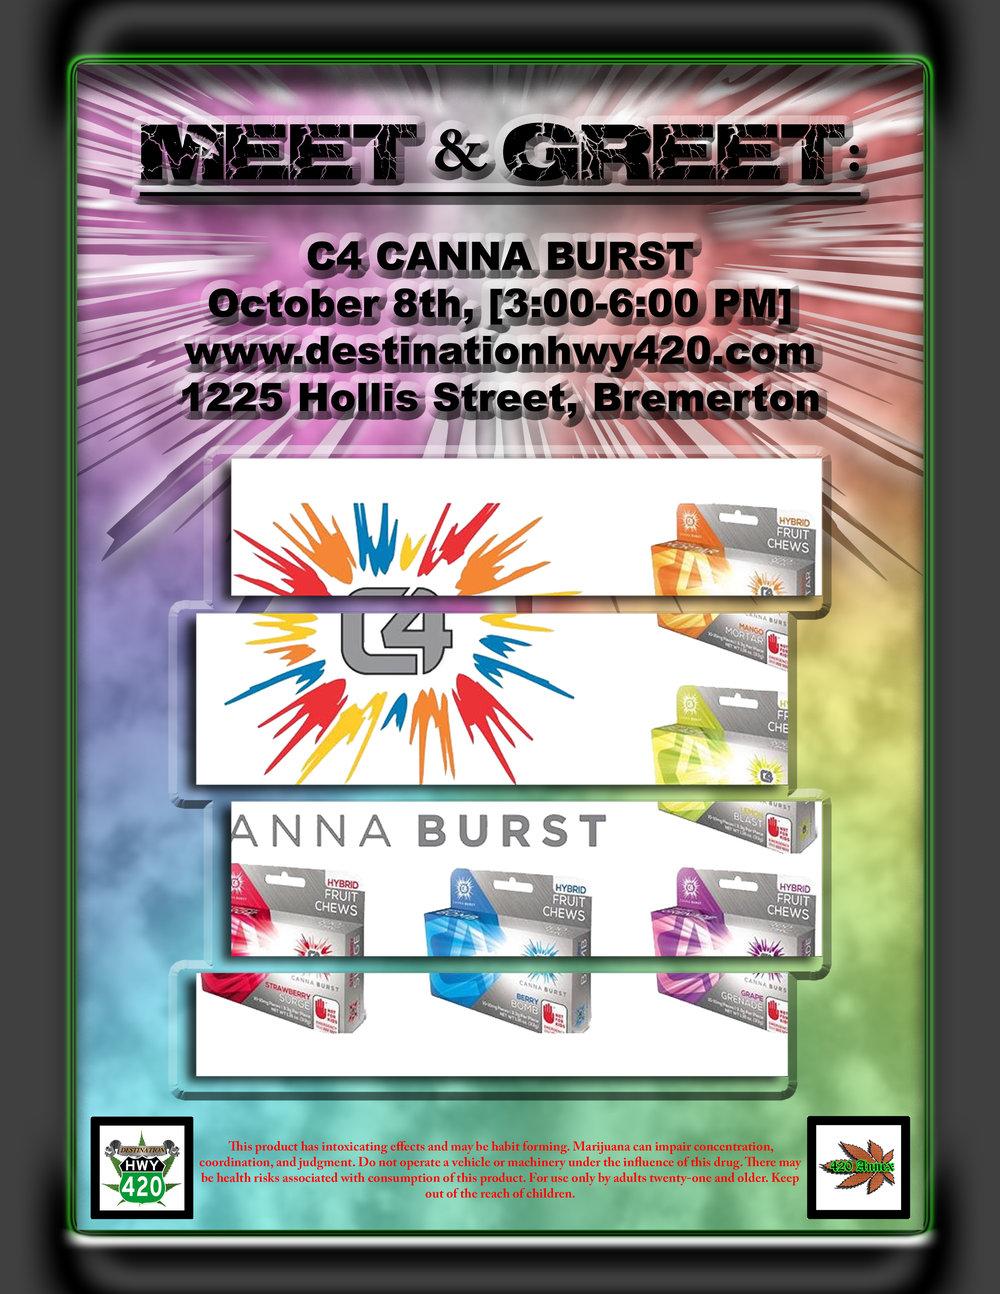 C4 Canna Burst Meet & Greet - Marijuana Infused Edibles